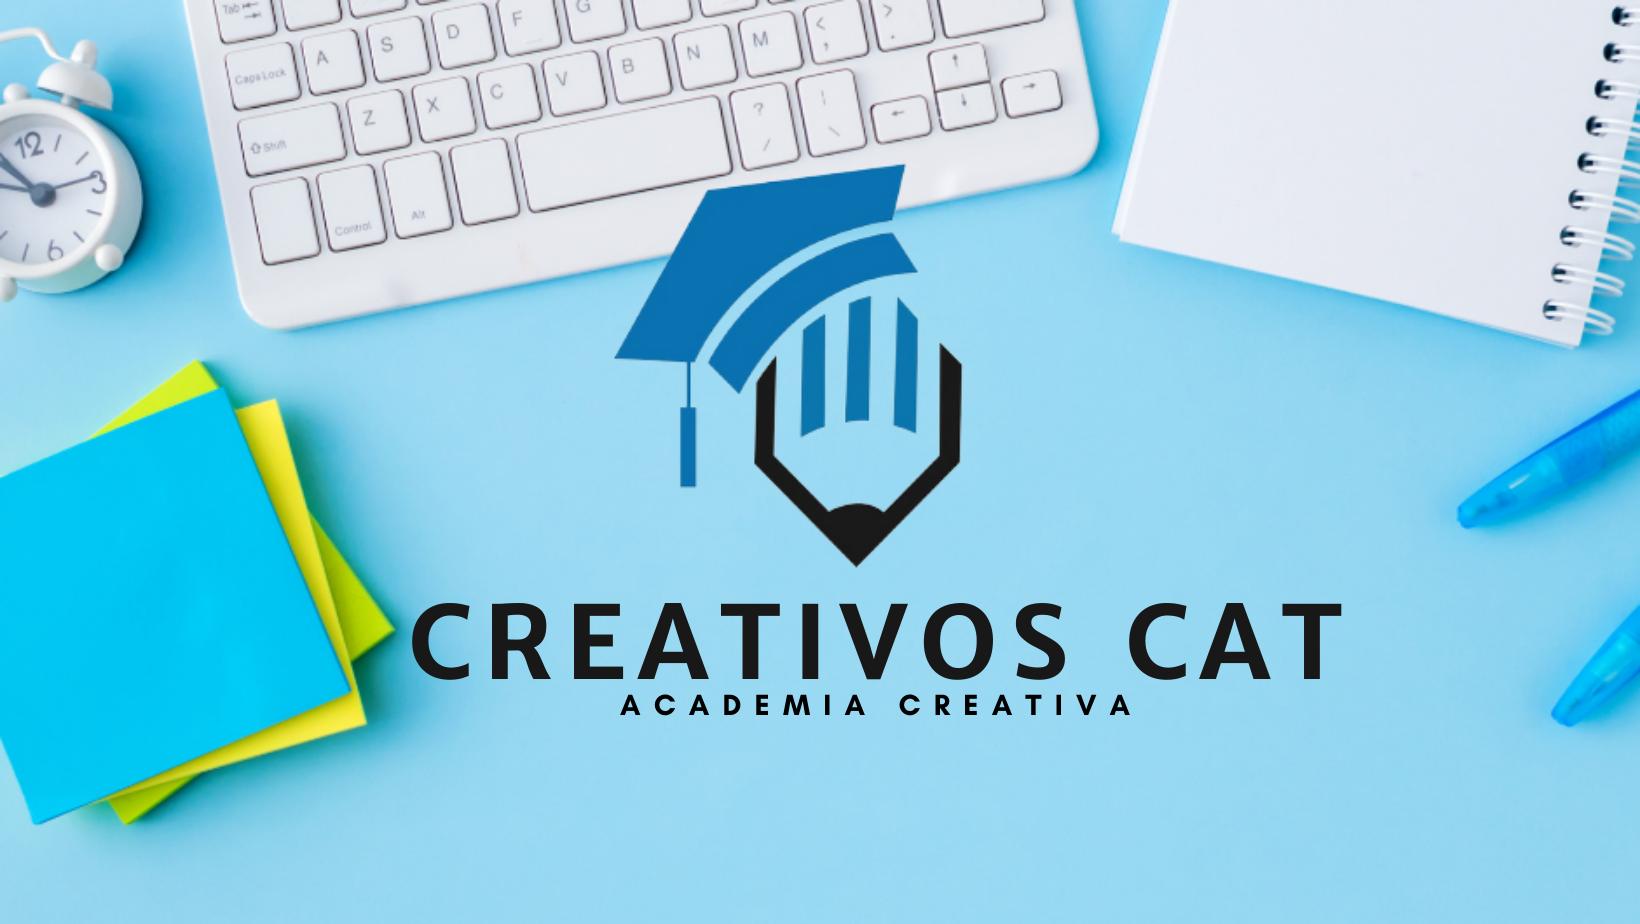 CREATIVOS CAT ACADEMIA CREATIVA